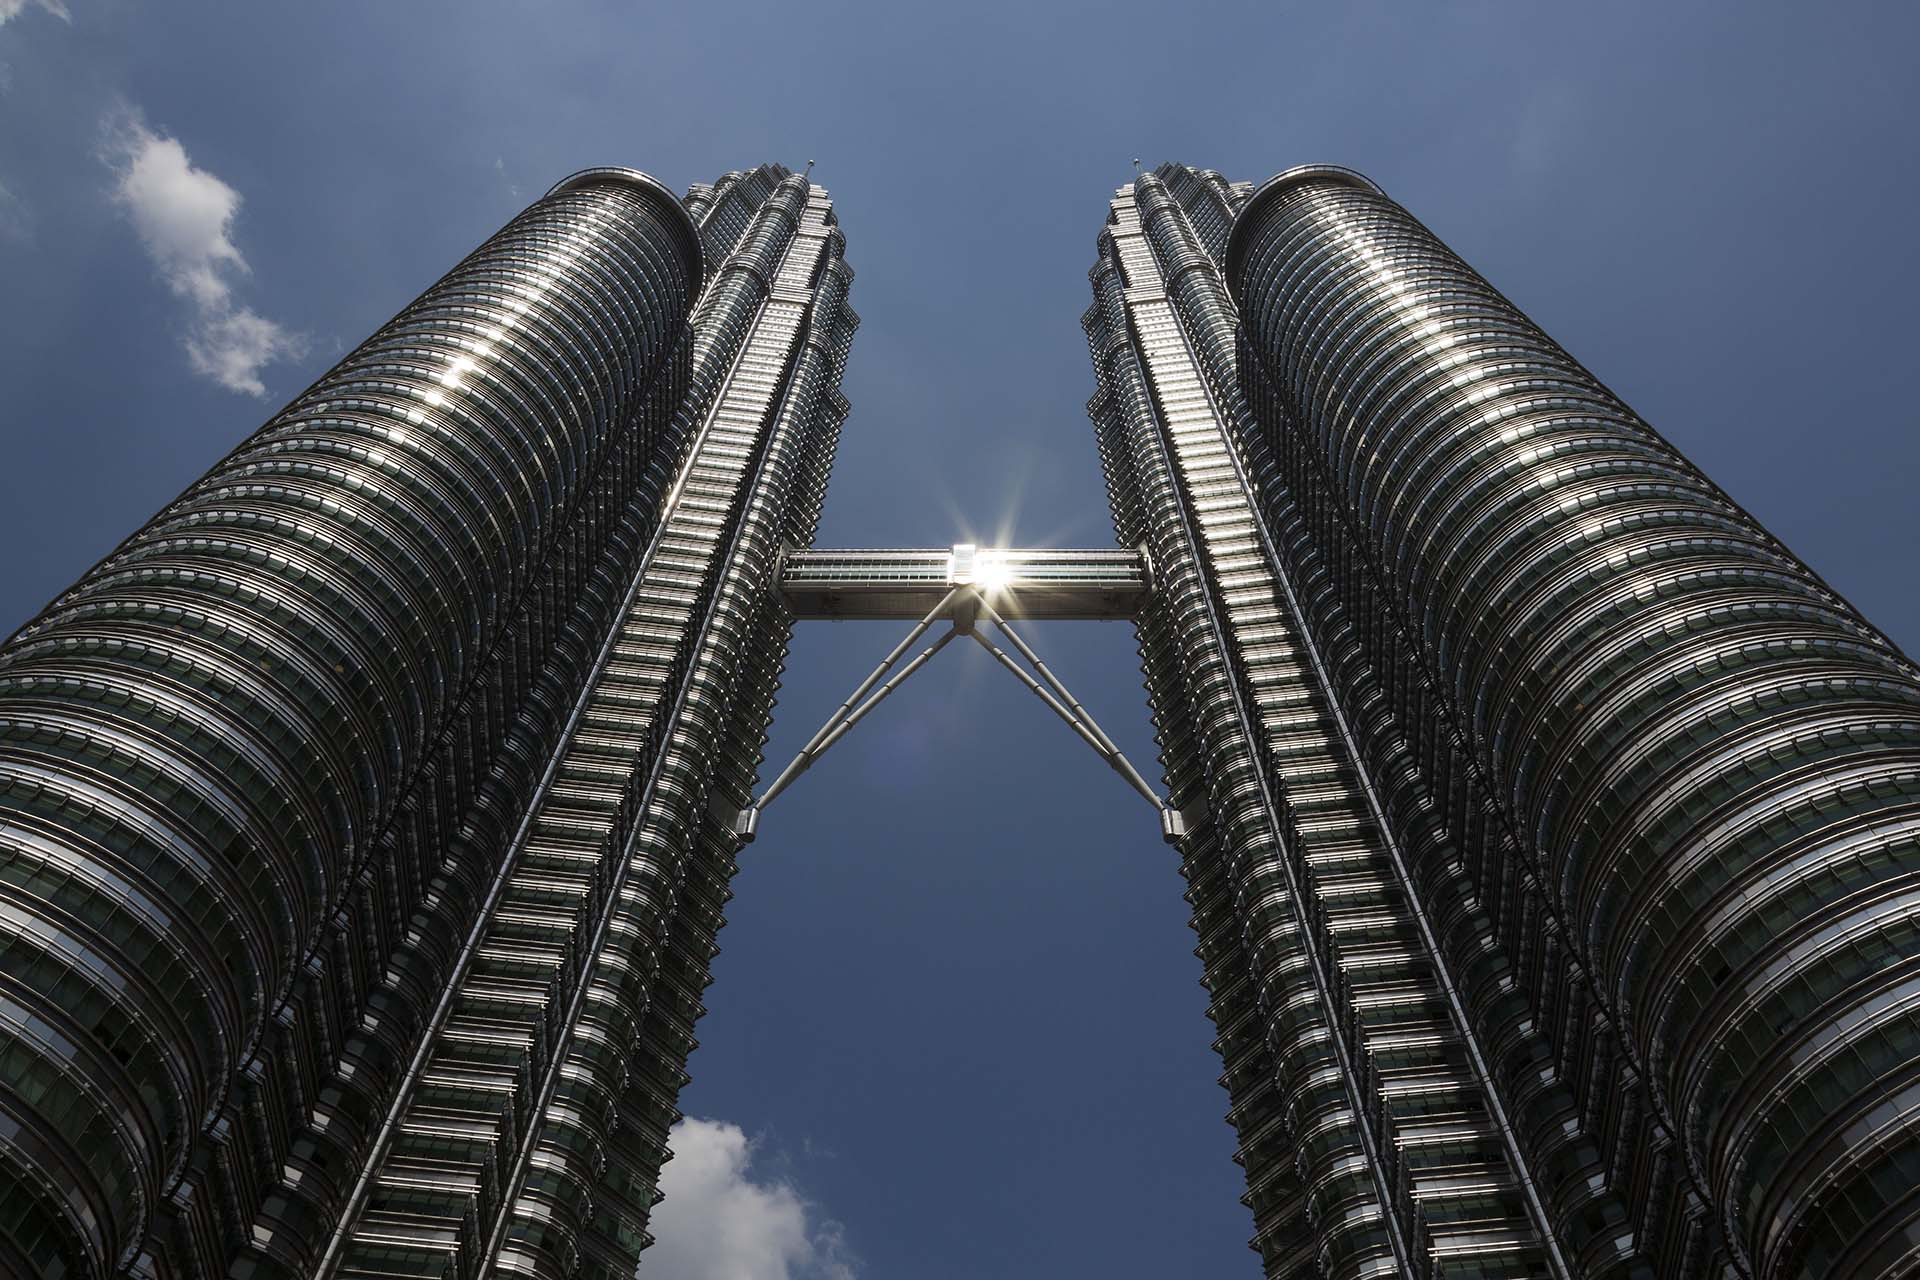 Otra vista precisa de las Petronas en Kuala Lumpur que muestra la dimensión y solidez de una gran obra, considerada disruptiva en el mundo de la arquitectura (Shutterstock)